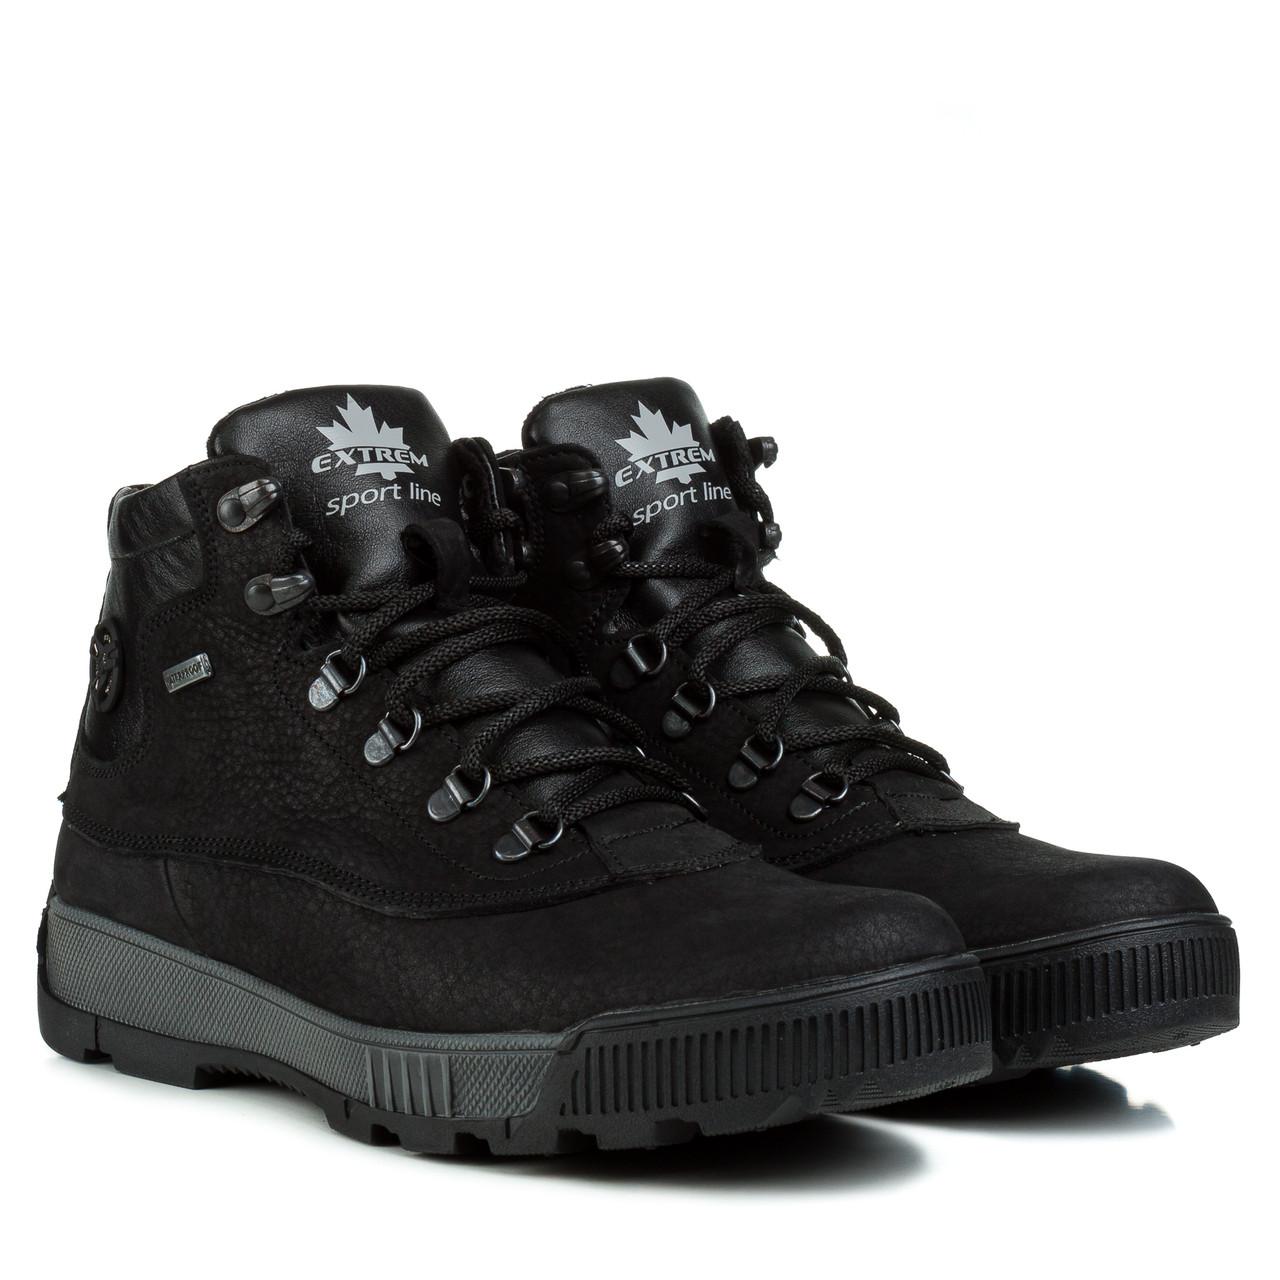 Ботинки мужские EXTREM (черного цвета, удобные, качественные)